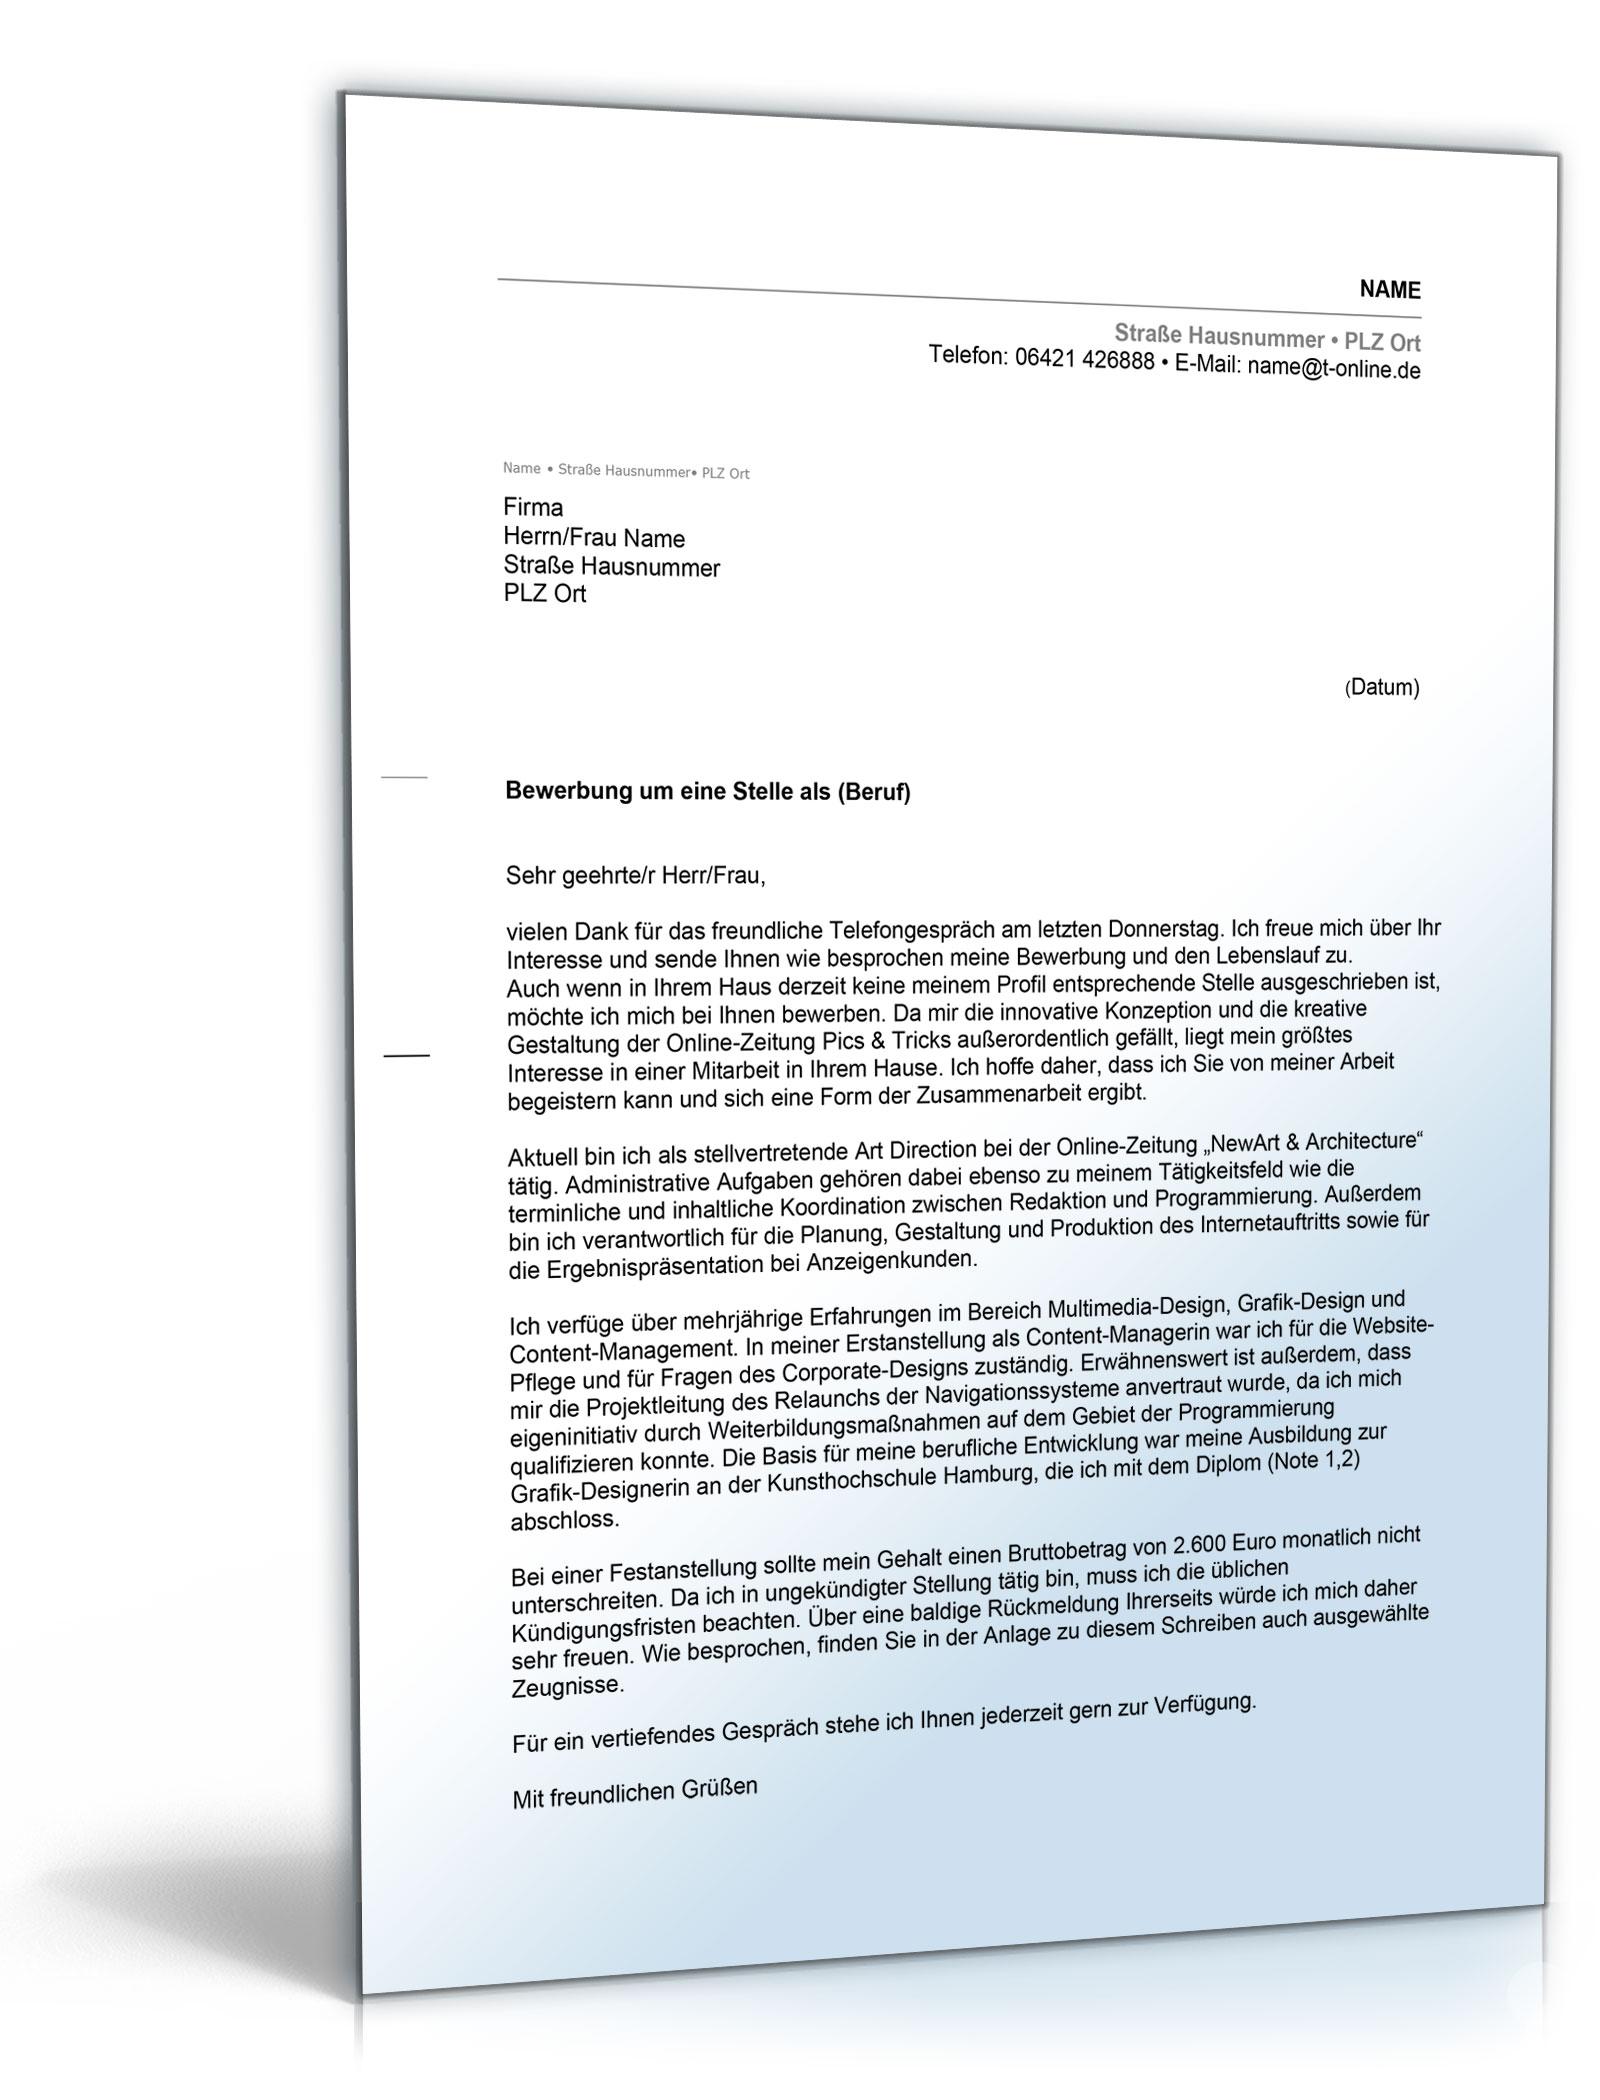 Anschreiben Bewerbung Initiativbewerbung Word Dokument Amazonde